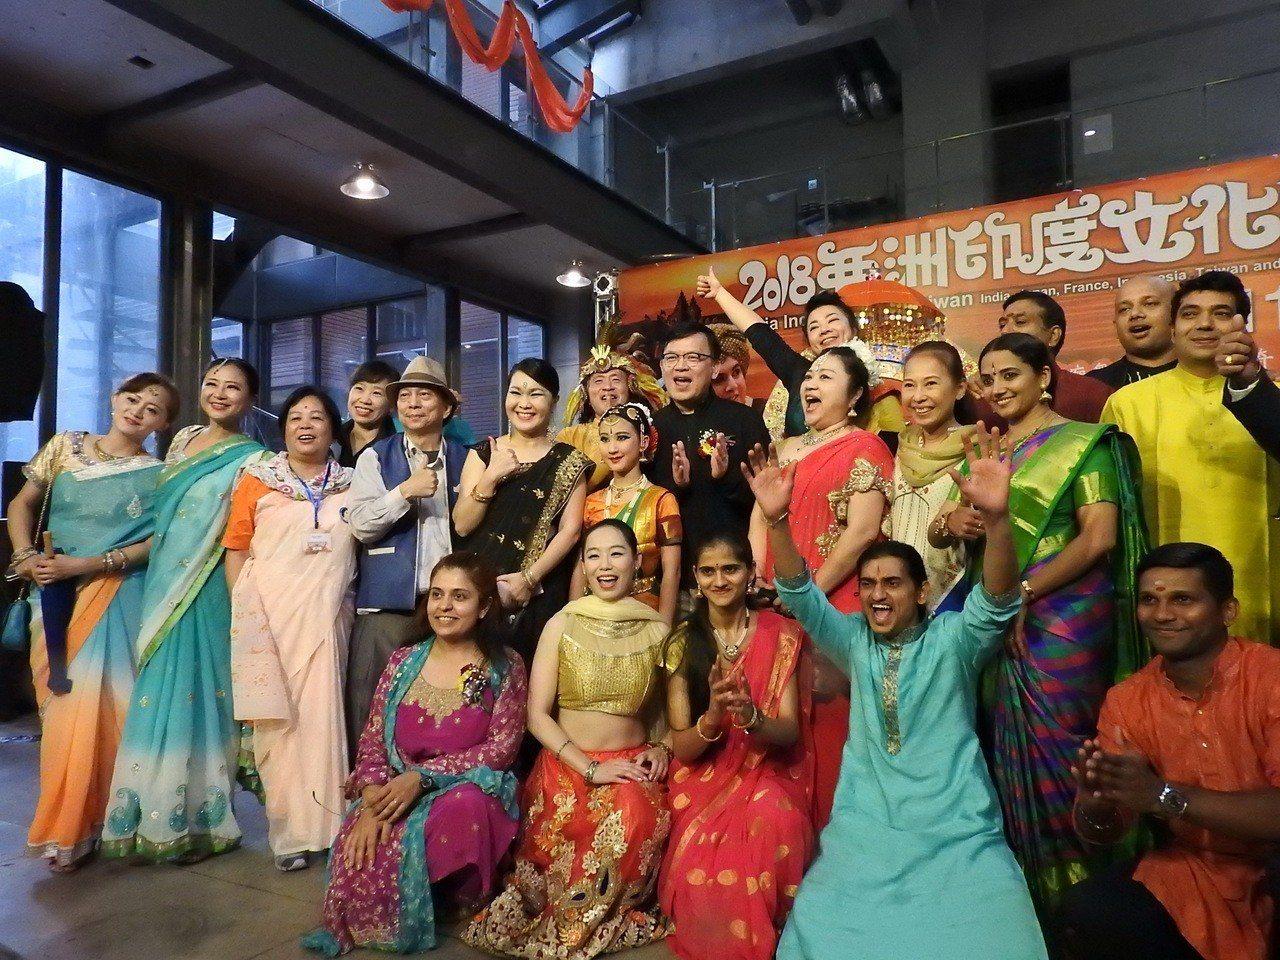 2018亞洲印度文化節踩街遊行因雨取消,現場的表演者和參加的民眾仍然十分熱情。記...